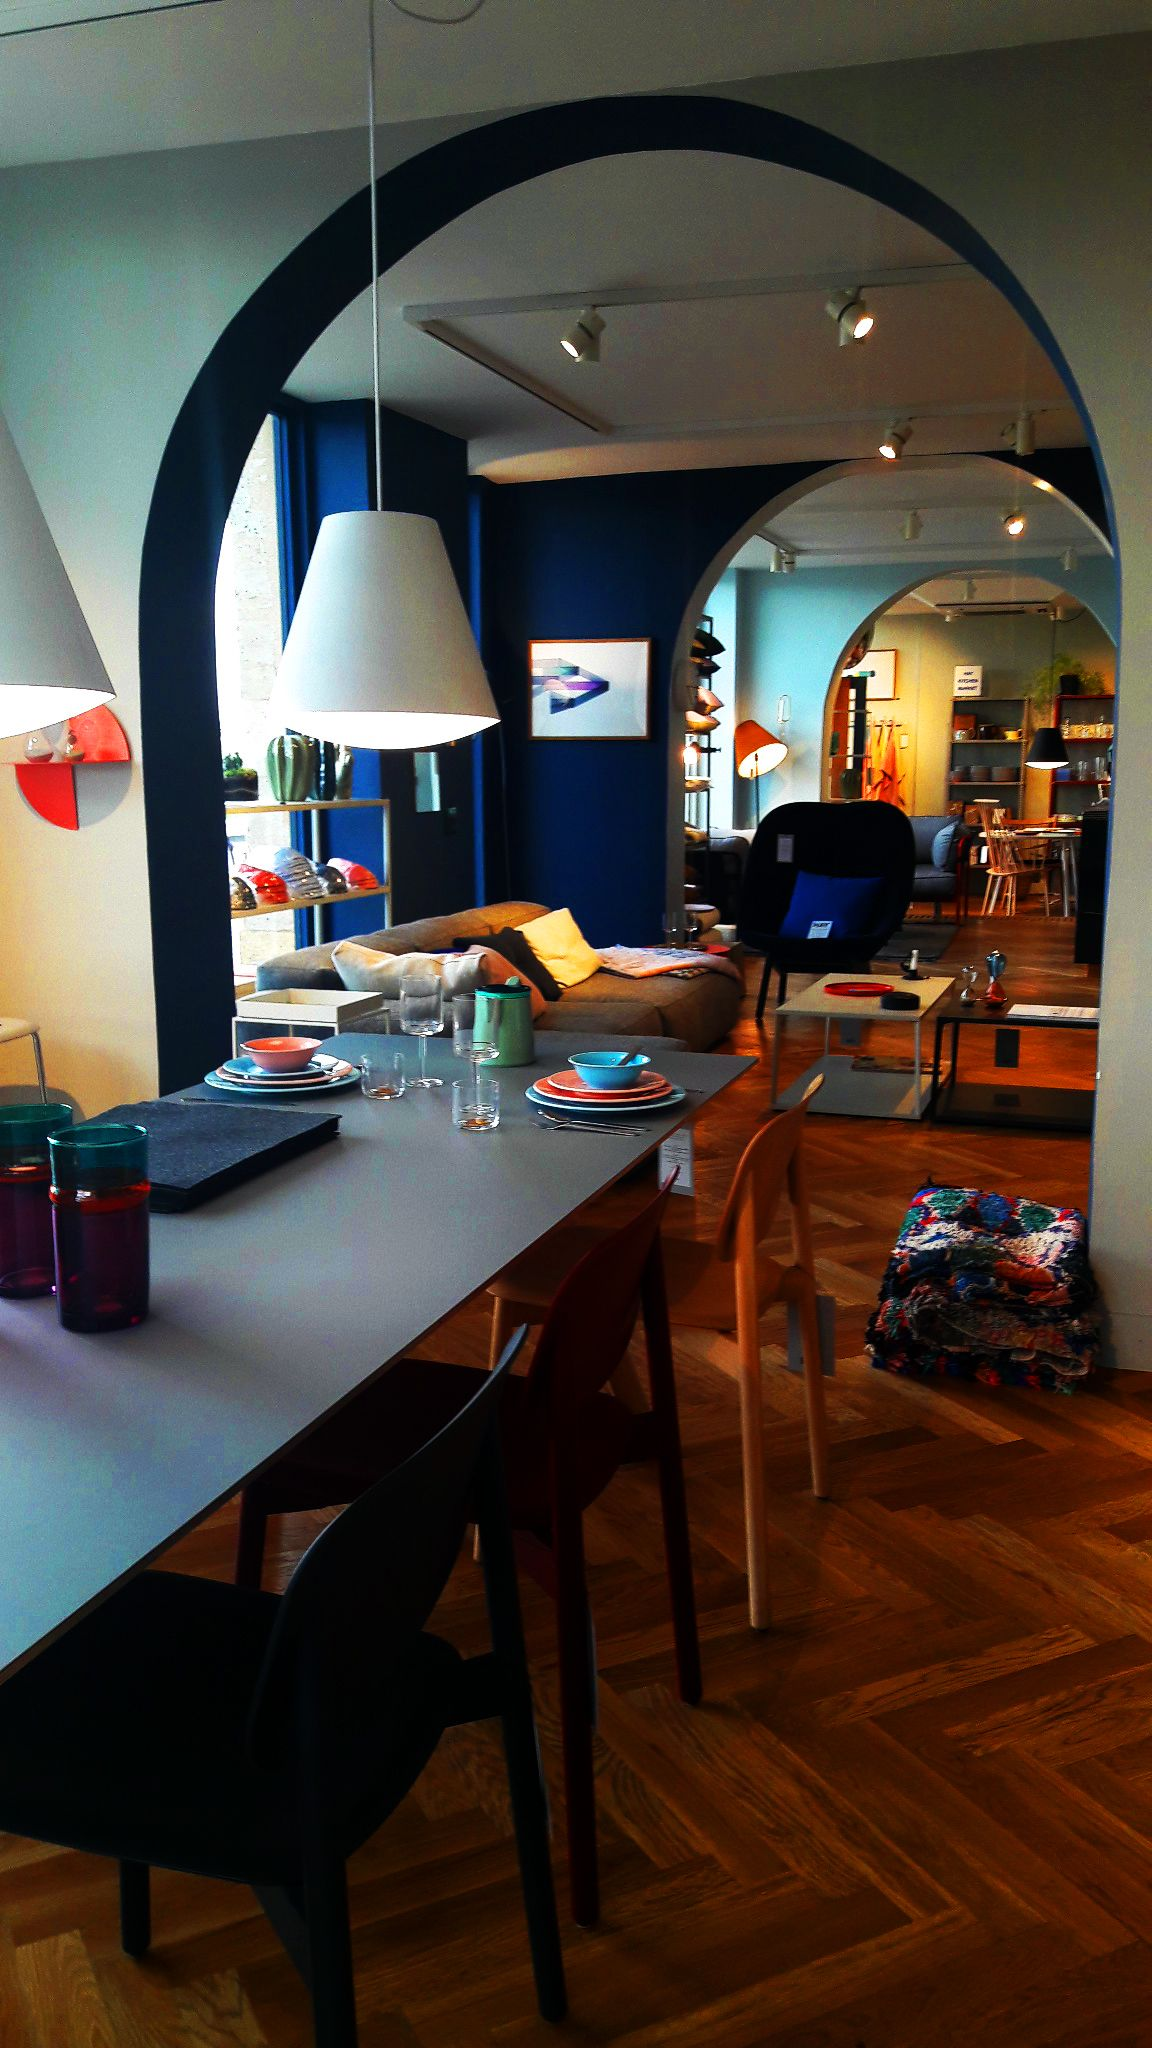 Besoin D Idees D Eco Hay Shop Bordeaux 1 Quai Richelieu 33000 Bordeaux Parquet B Amenagement Interieur Amenagement Maison Decoration Interieure Cuisine